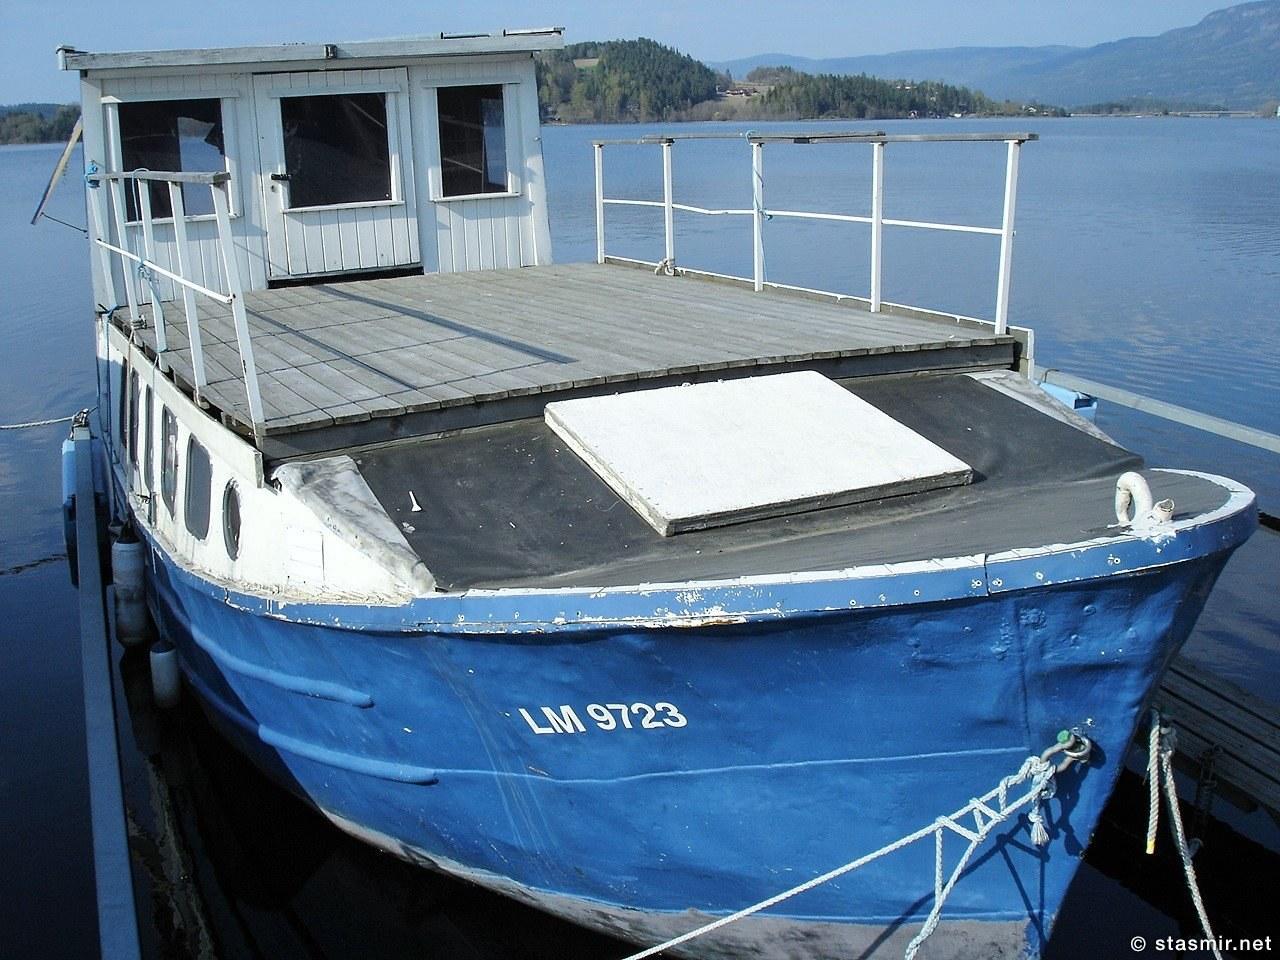 лодка в Tyrifjorden, Норвегия, фото Стасмир, Photo Stasmir